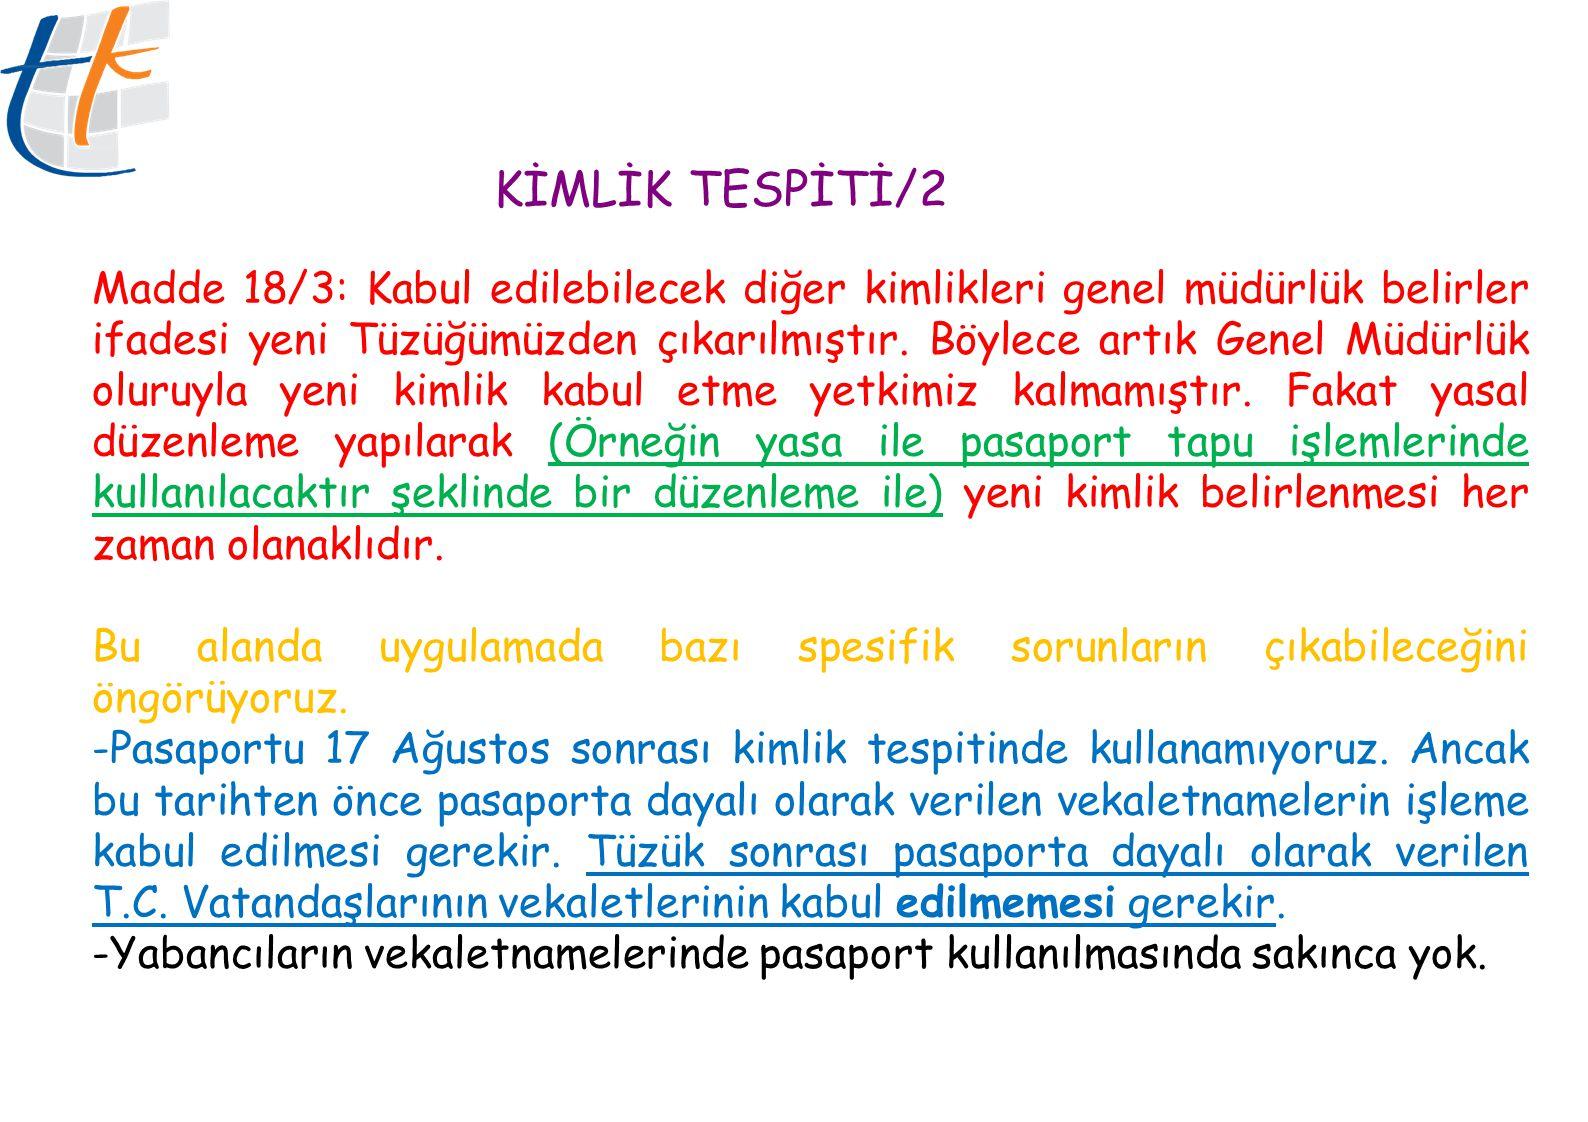 KİMLİK TESPİTİ/2 Madde 18/3: Kabul edilebilecek diğer kimlikleri genel müdürlük belirler ifadesi yeni Tüzüğümüzden çıkarılmıştır.